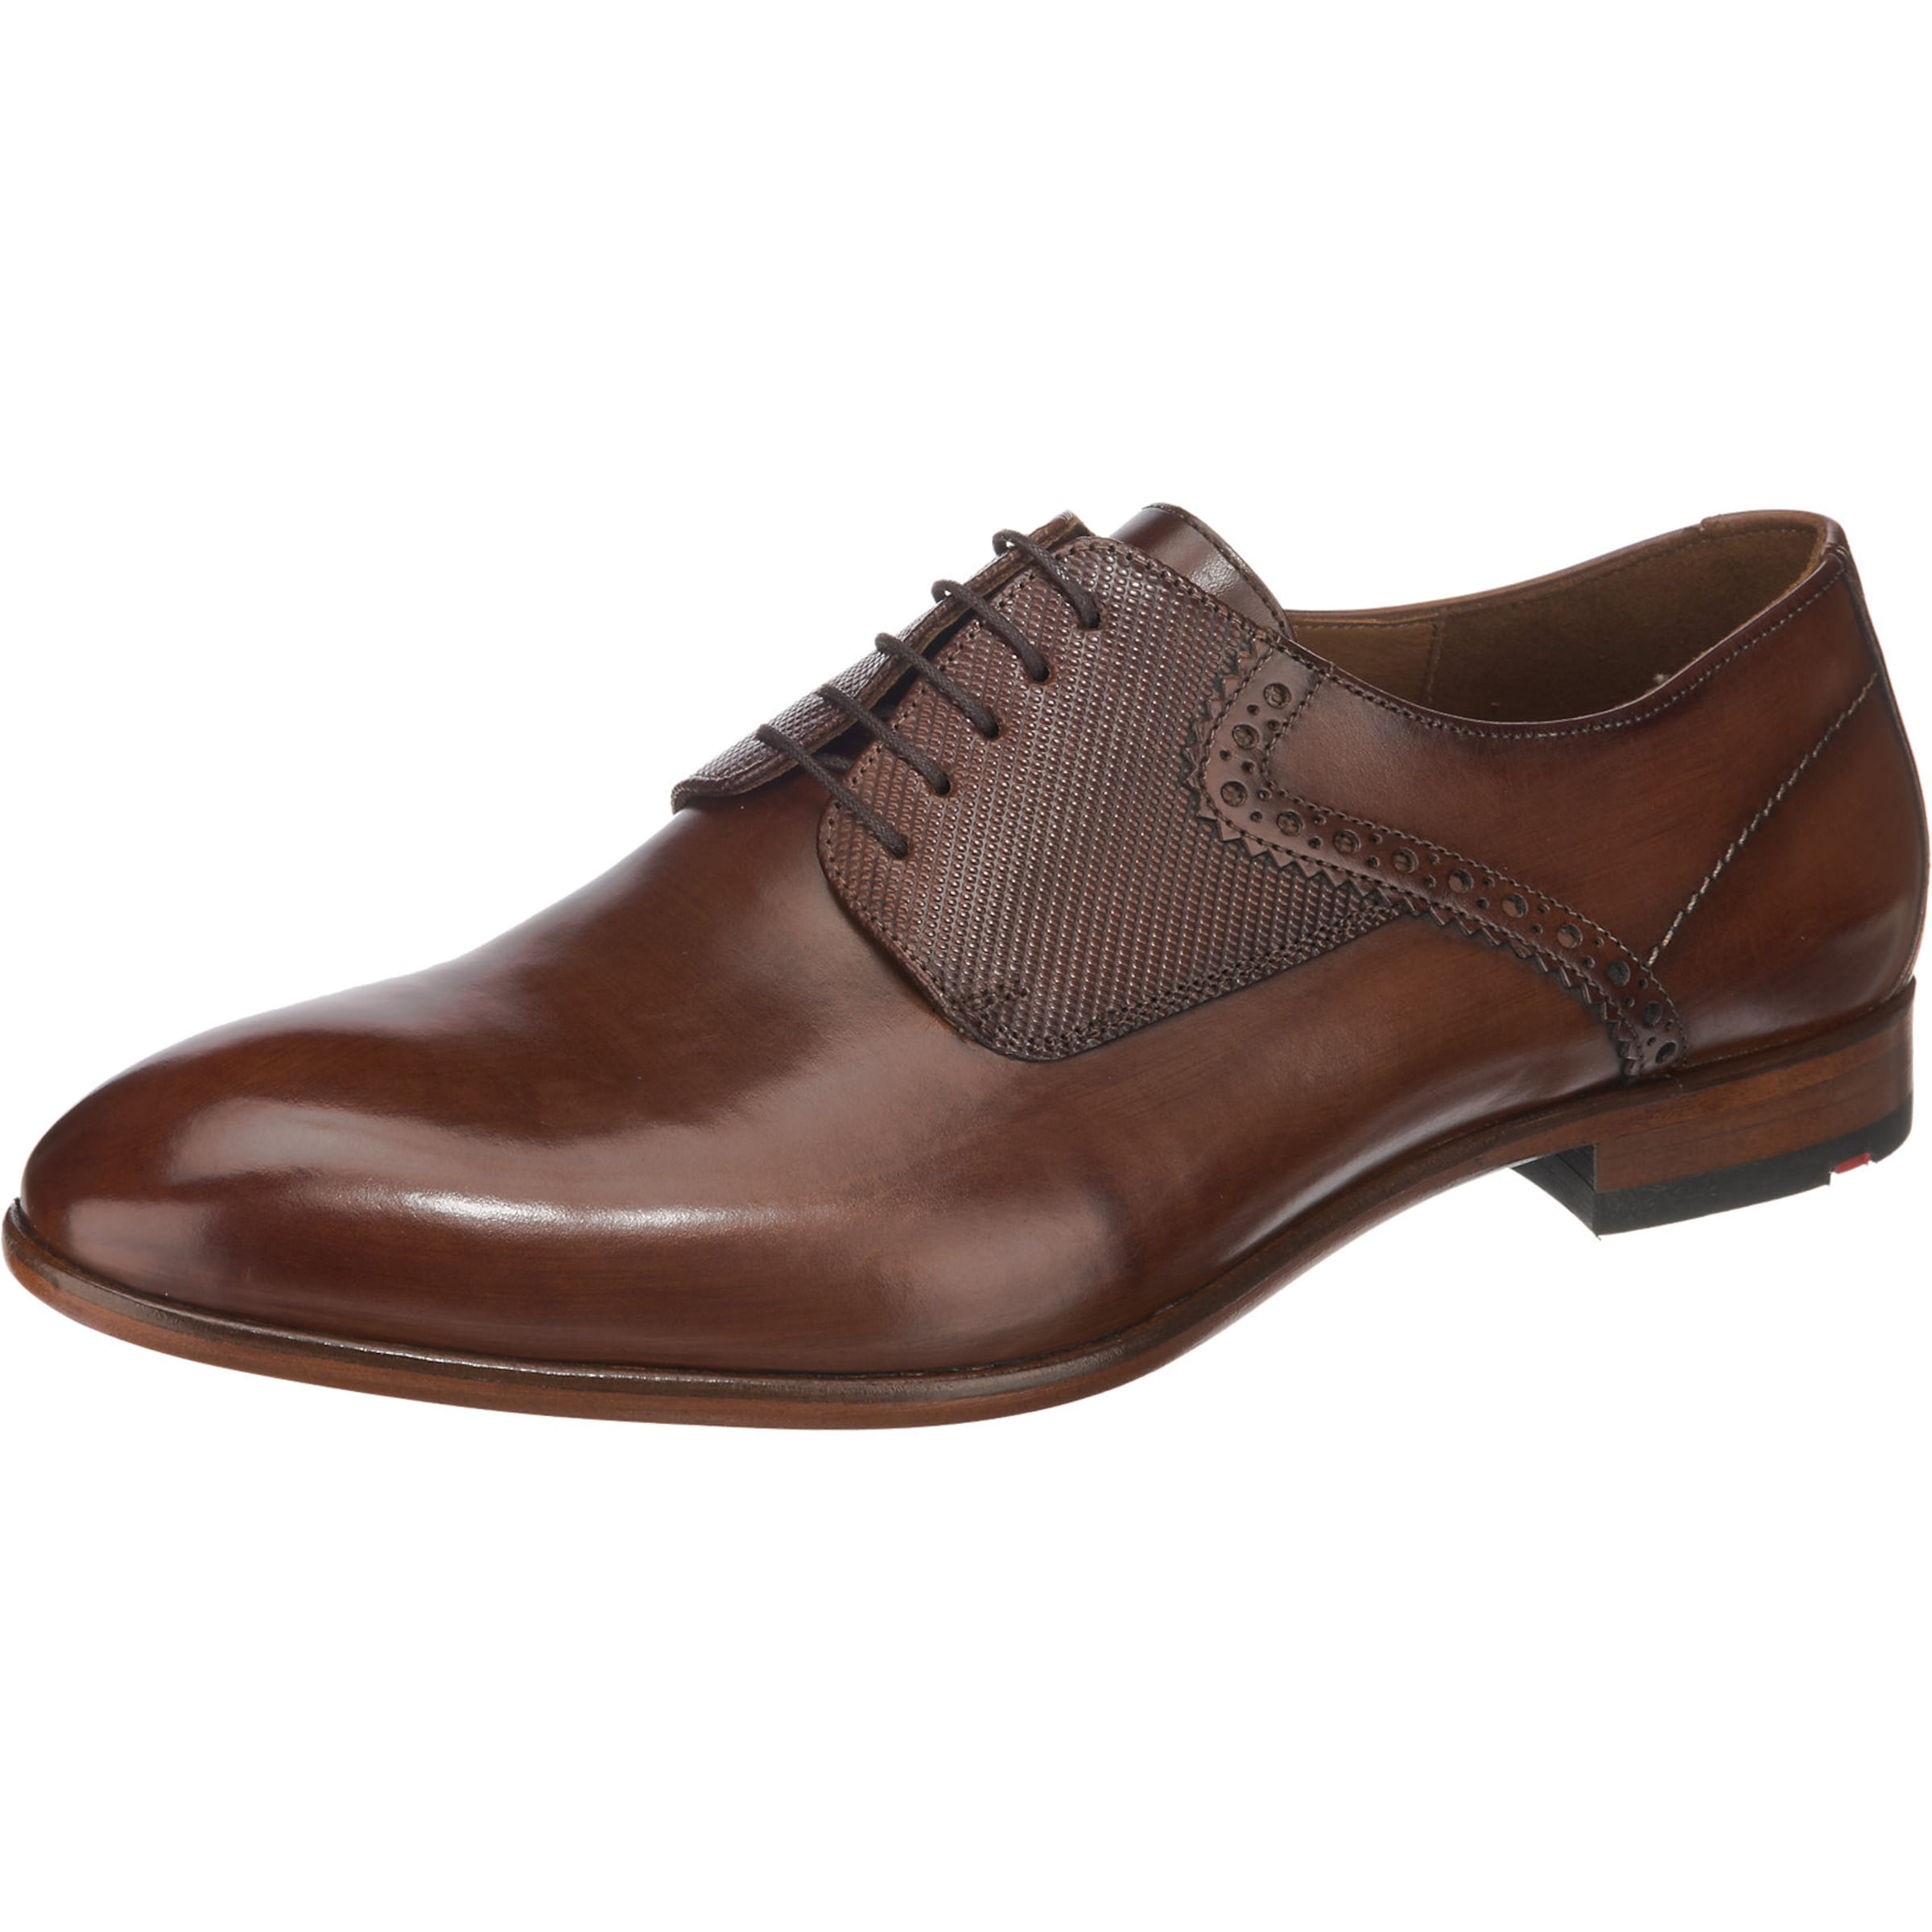 LLOYD Businessschuh OAKLAND Verschleißfeste billige Schuhe